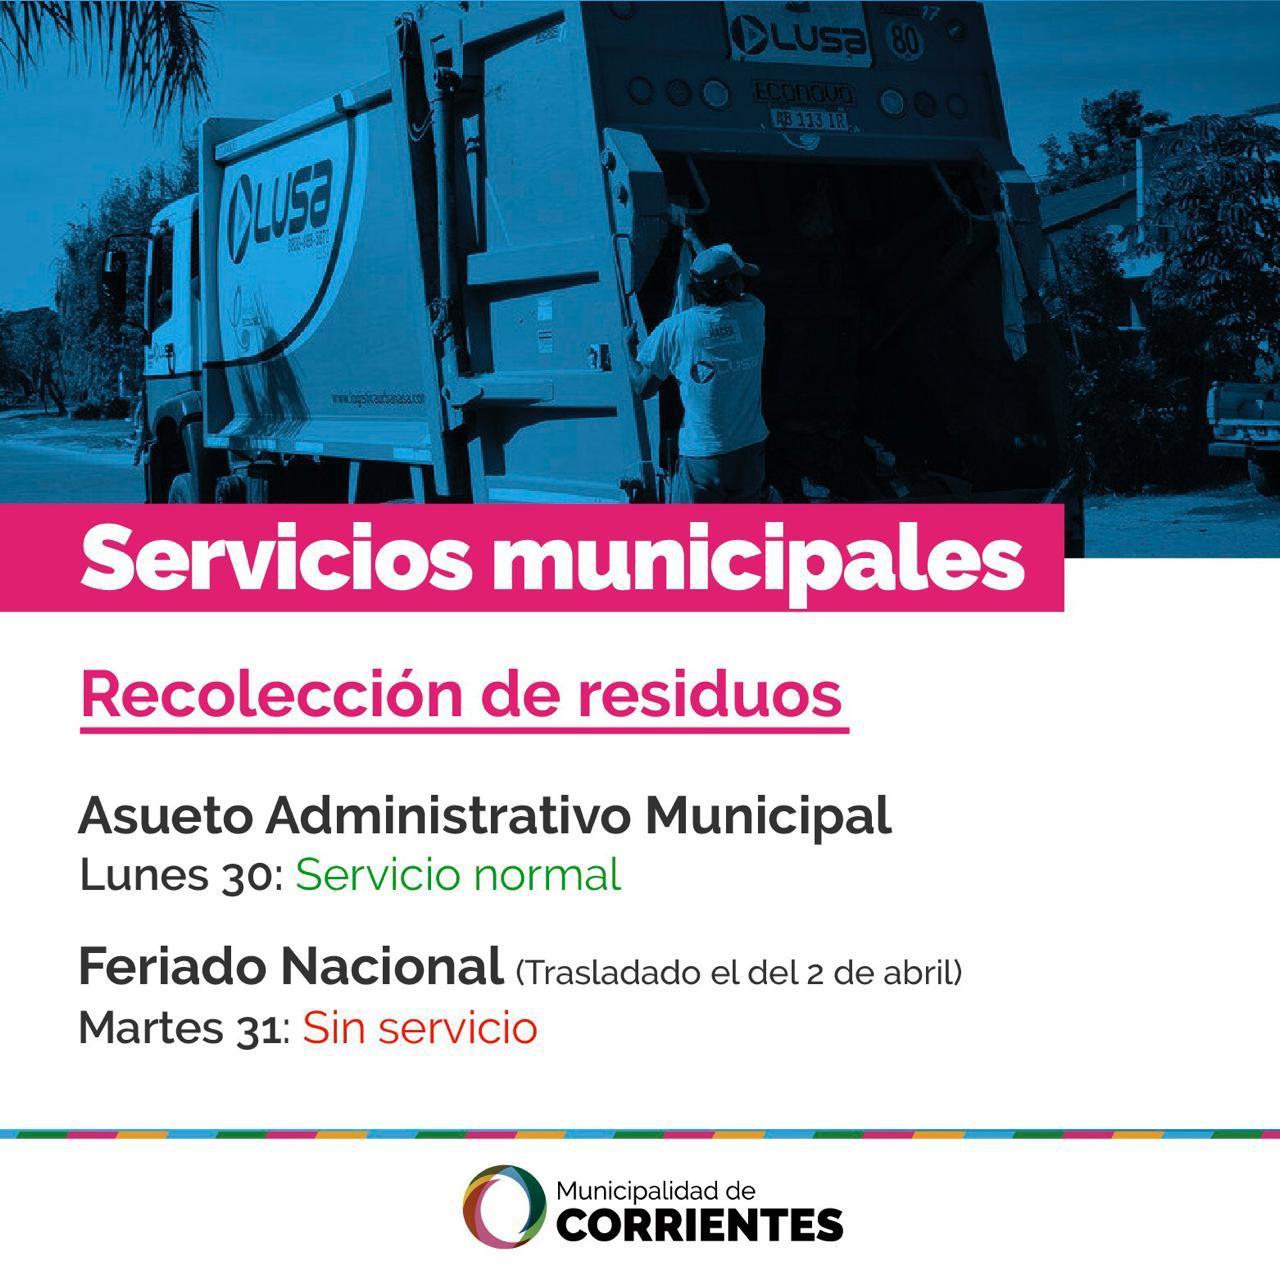 La Municipalidad de Corrientes informa el funcionamiento de los servicios durante el lunes 30 (asueto) y martes 31 (feriado nacional).